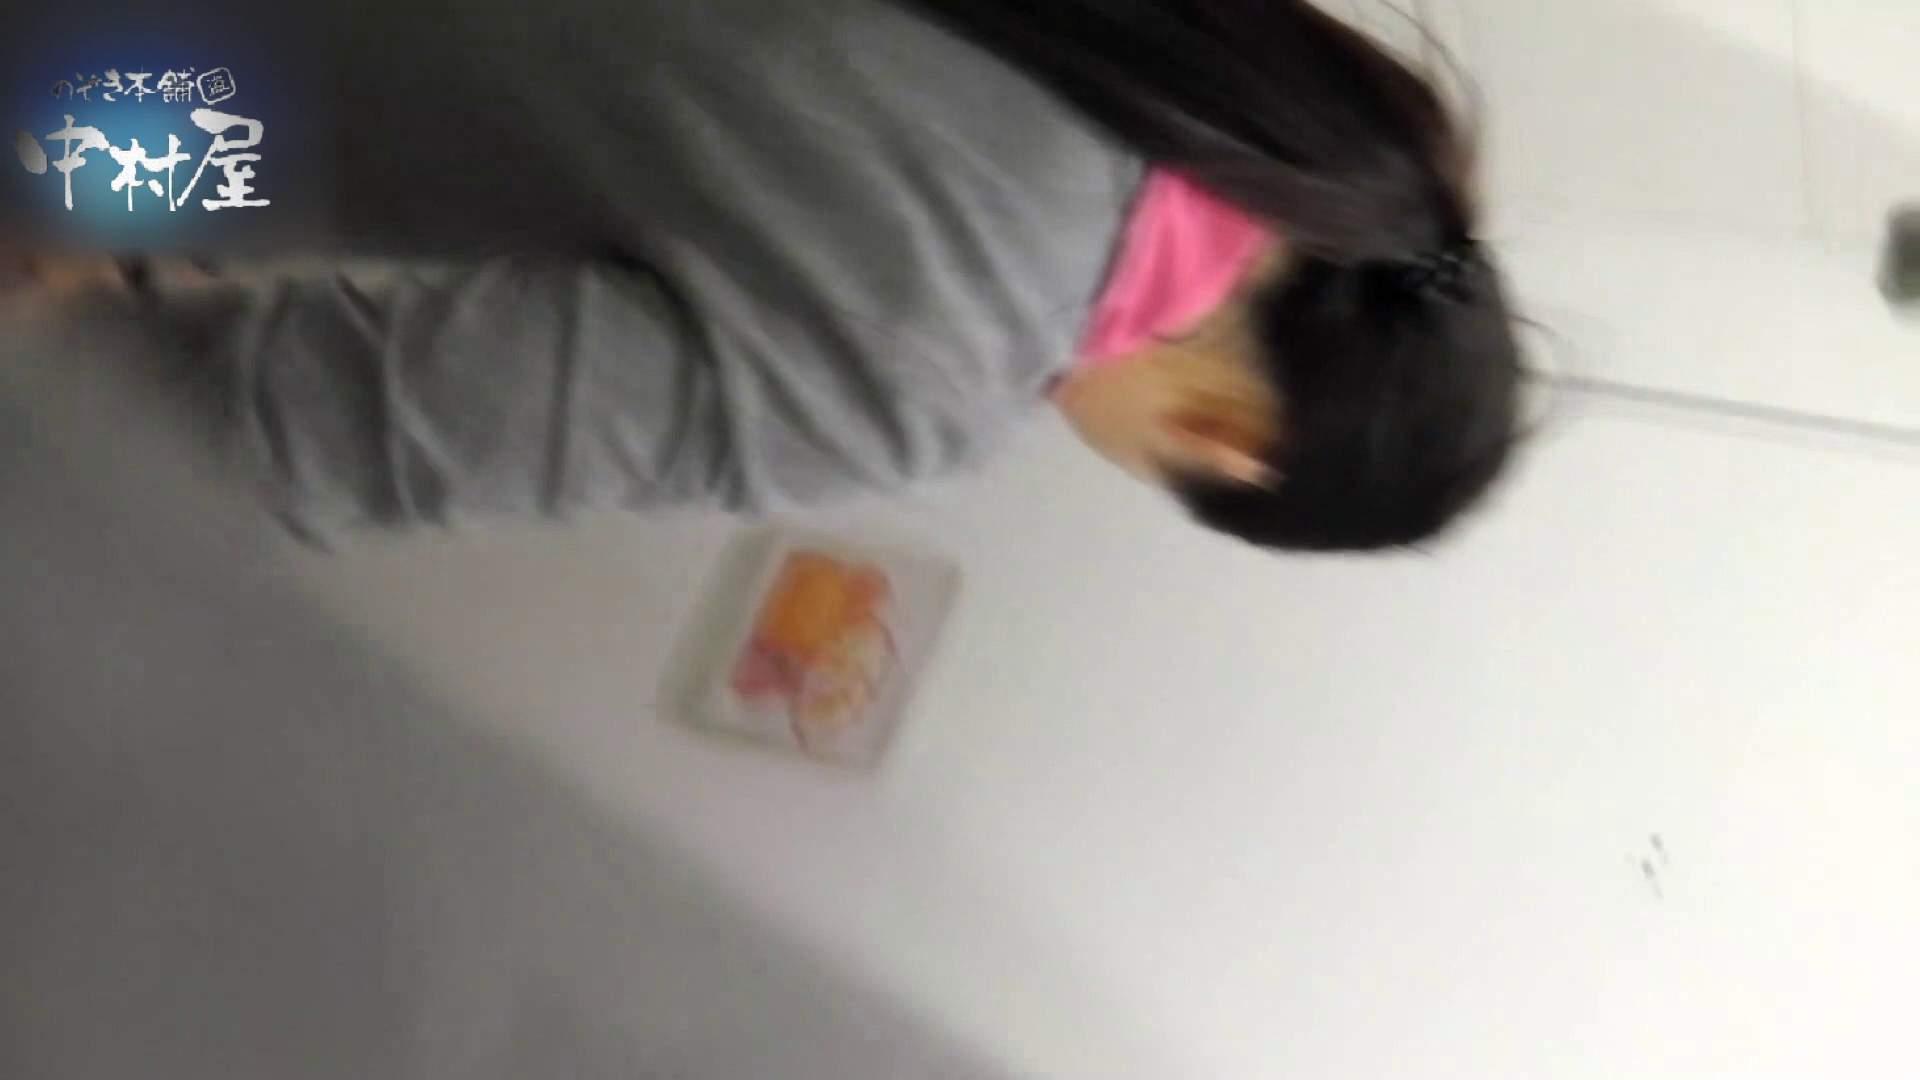 乙女集まる!ショッピングモール潜入撮vol.05 トイレ   和式  60画像 49